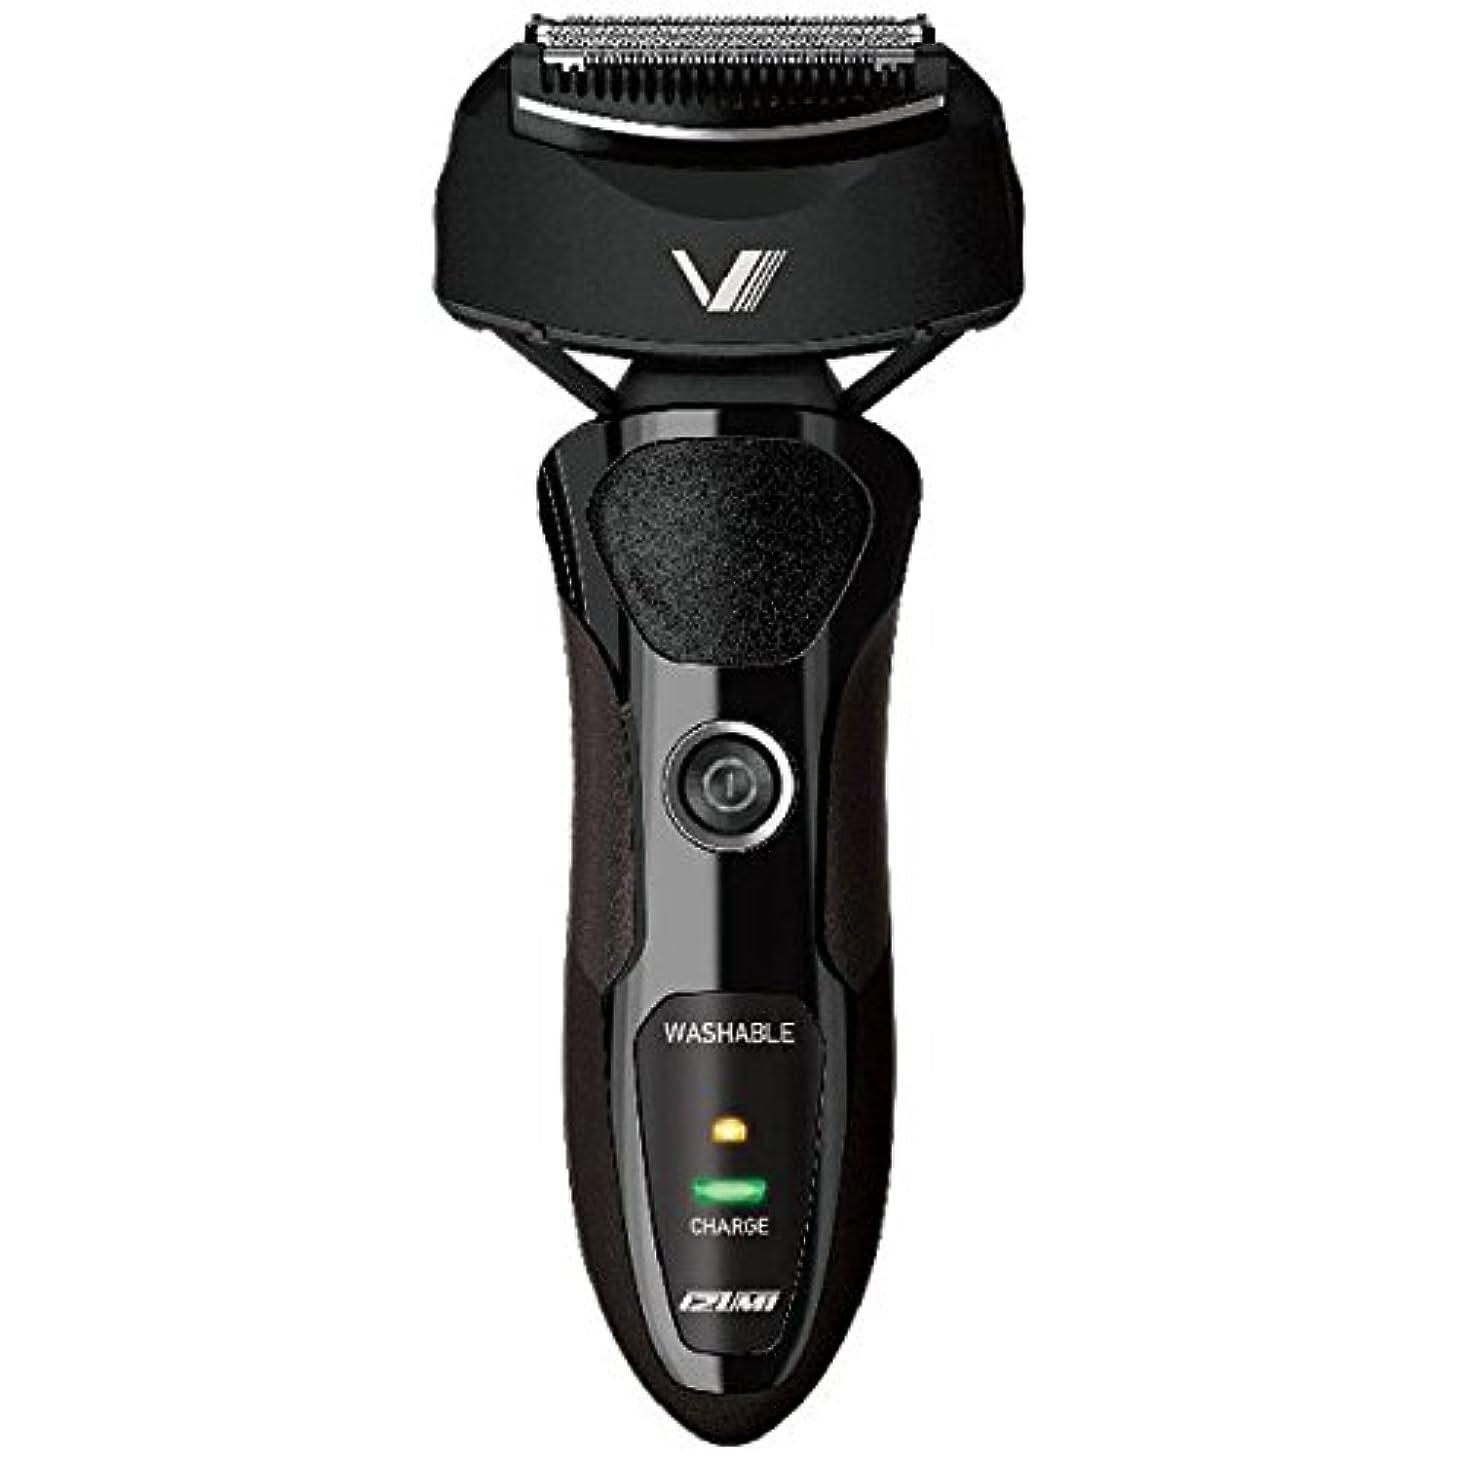 不規則な幅美的IZUMI VIDAN 往復式シェーバー 深剃りシリーズ 3枚刃 ブラック IZF-V36-K